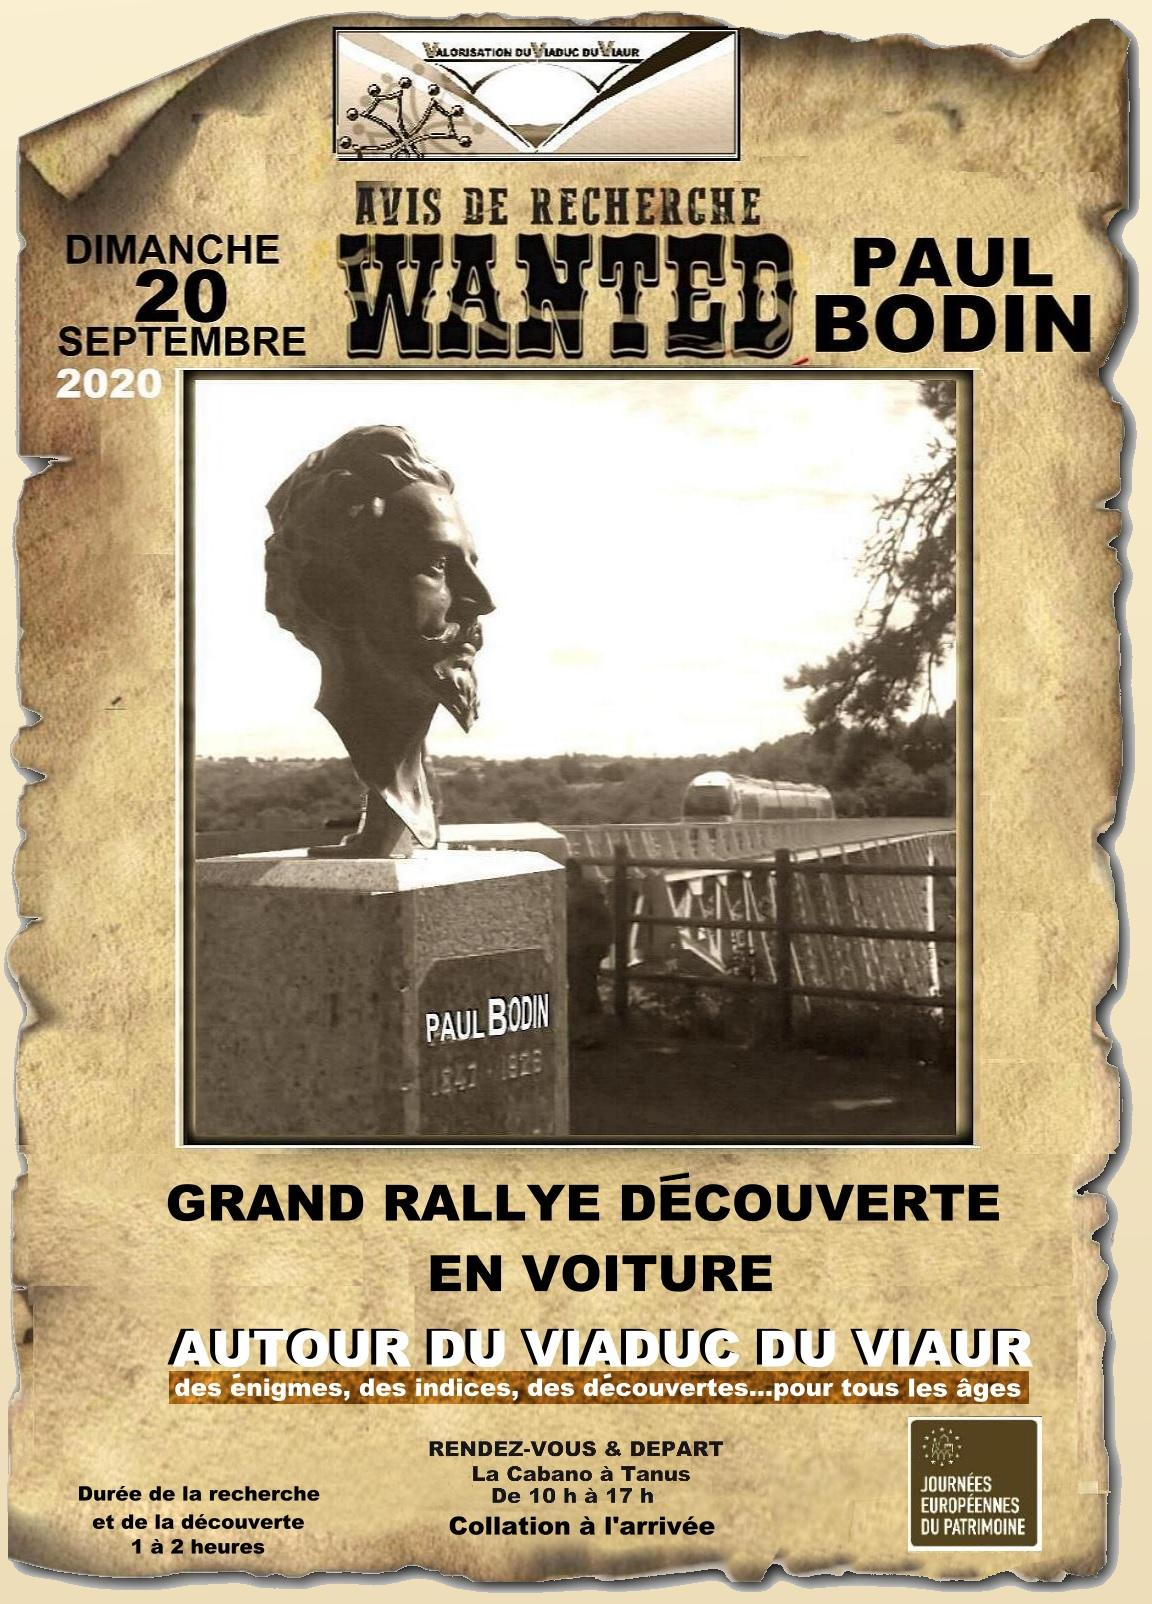 affiche du grand rallye découverte autour du Viaduc dViaur le 20 septembre 2020